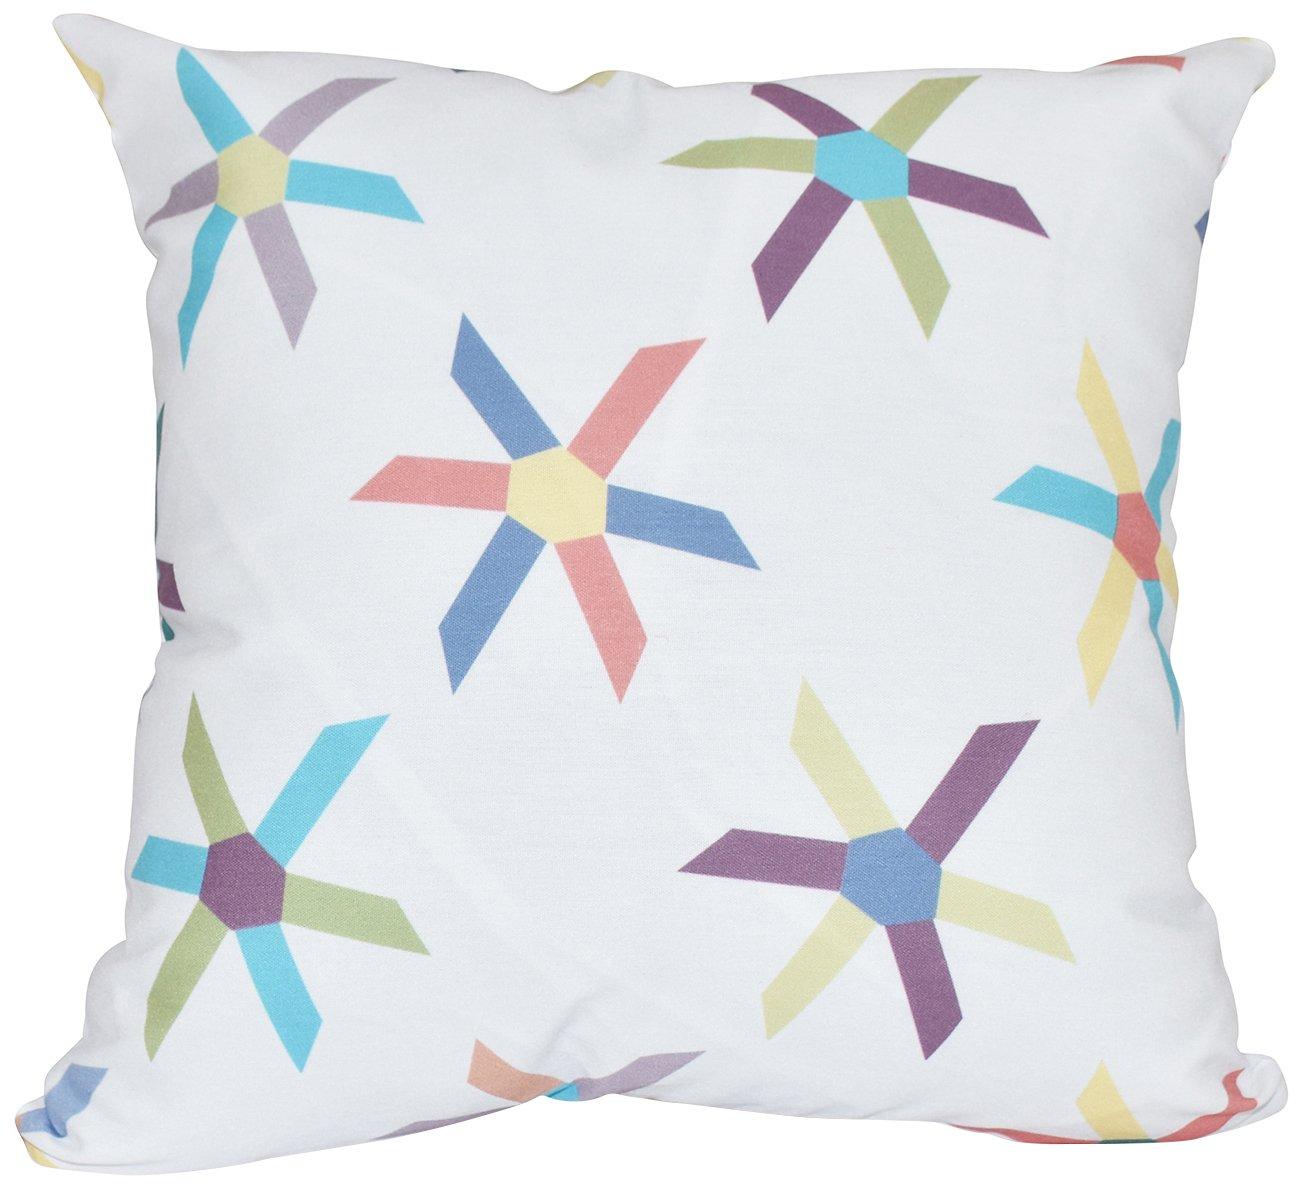 E by design O5PGN418BL27-20 Printed Outdoor Pillow